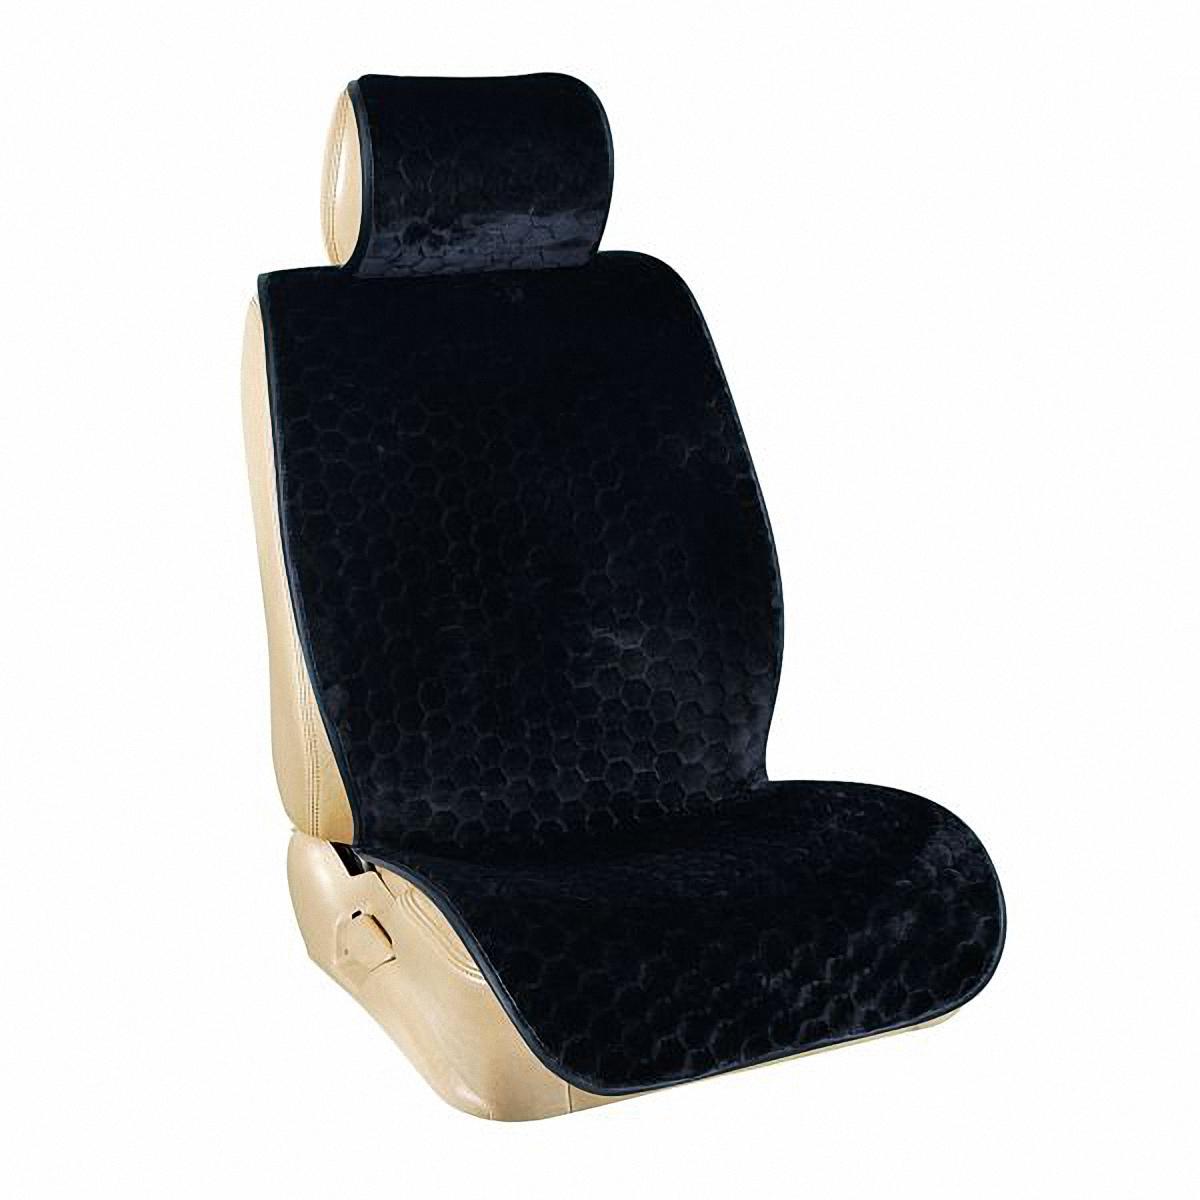 Накидка на сиденье Skyway, цвет: черный. S03001027S03001027Накидка на сиденье Skyway - это изящное сочетание стиля и качества. Выполненные из искусственного меха они расслабляют мышцы спины при поездке, благотворно влияя на позвоночник. Так просто получить ощущение легкого массажа. С ними салон становится уютнее, а сами сидения - удобнее.